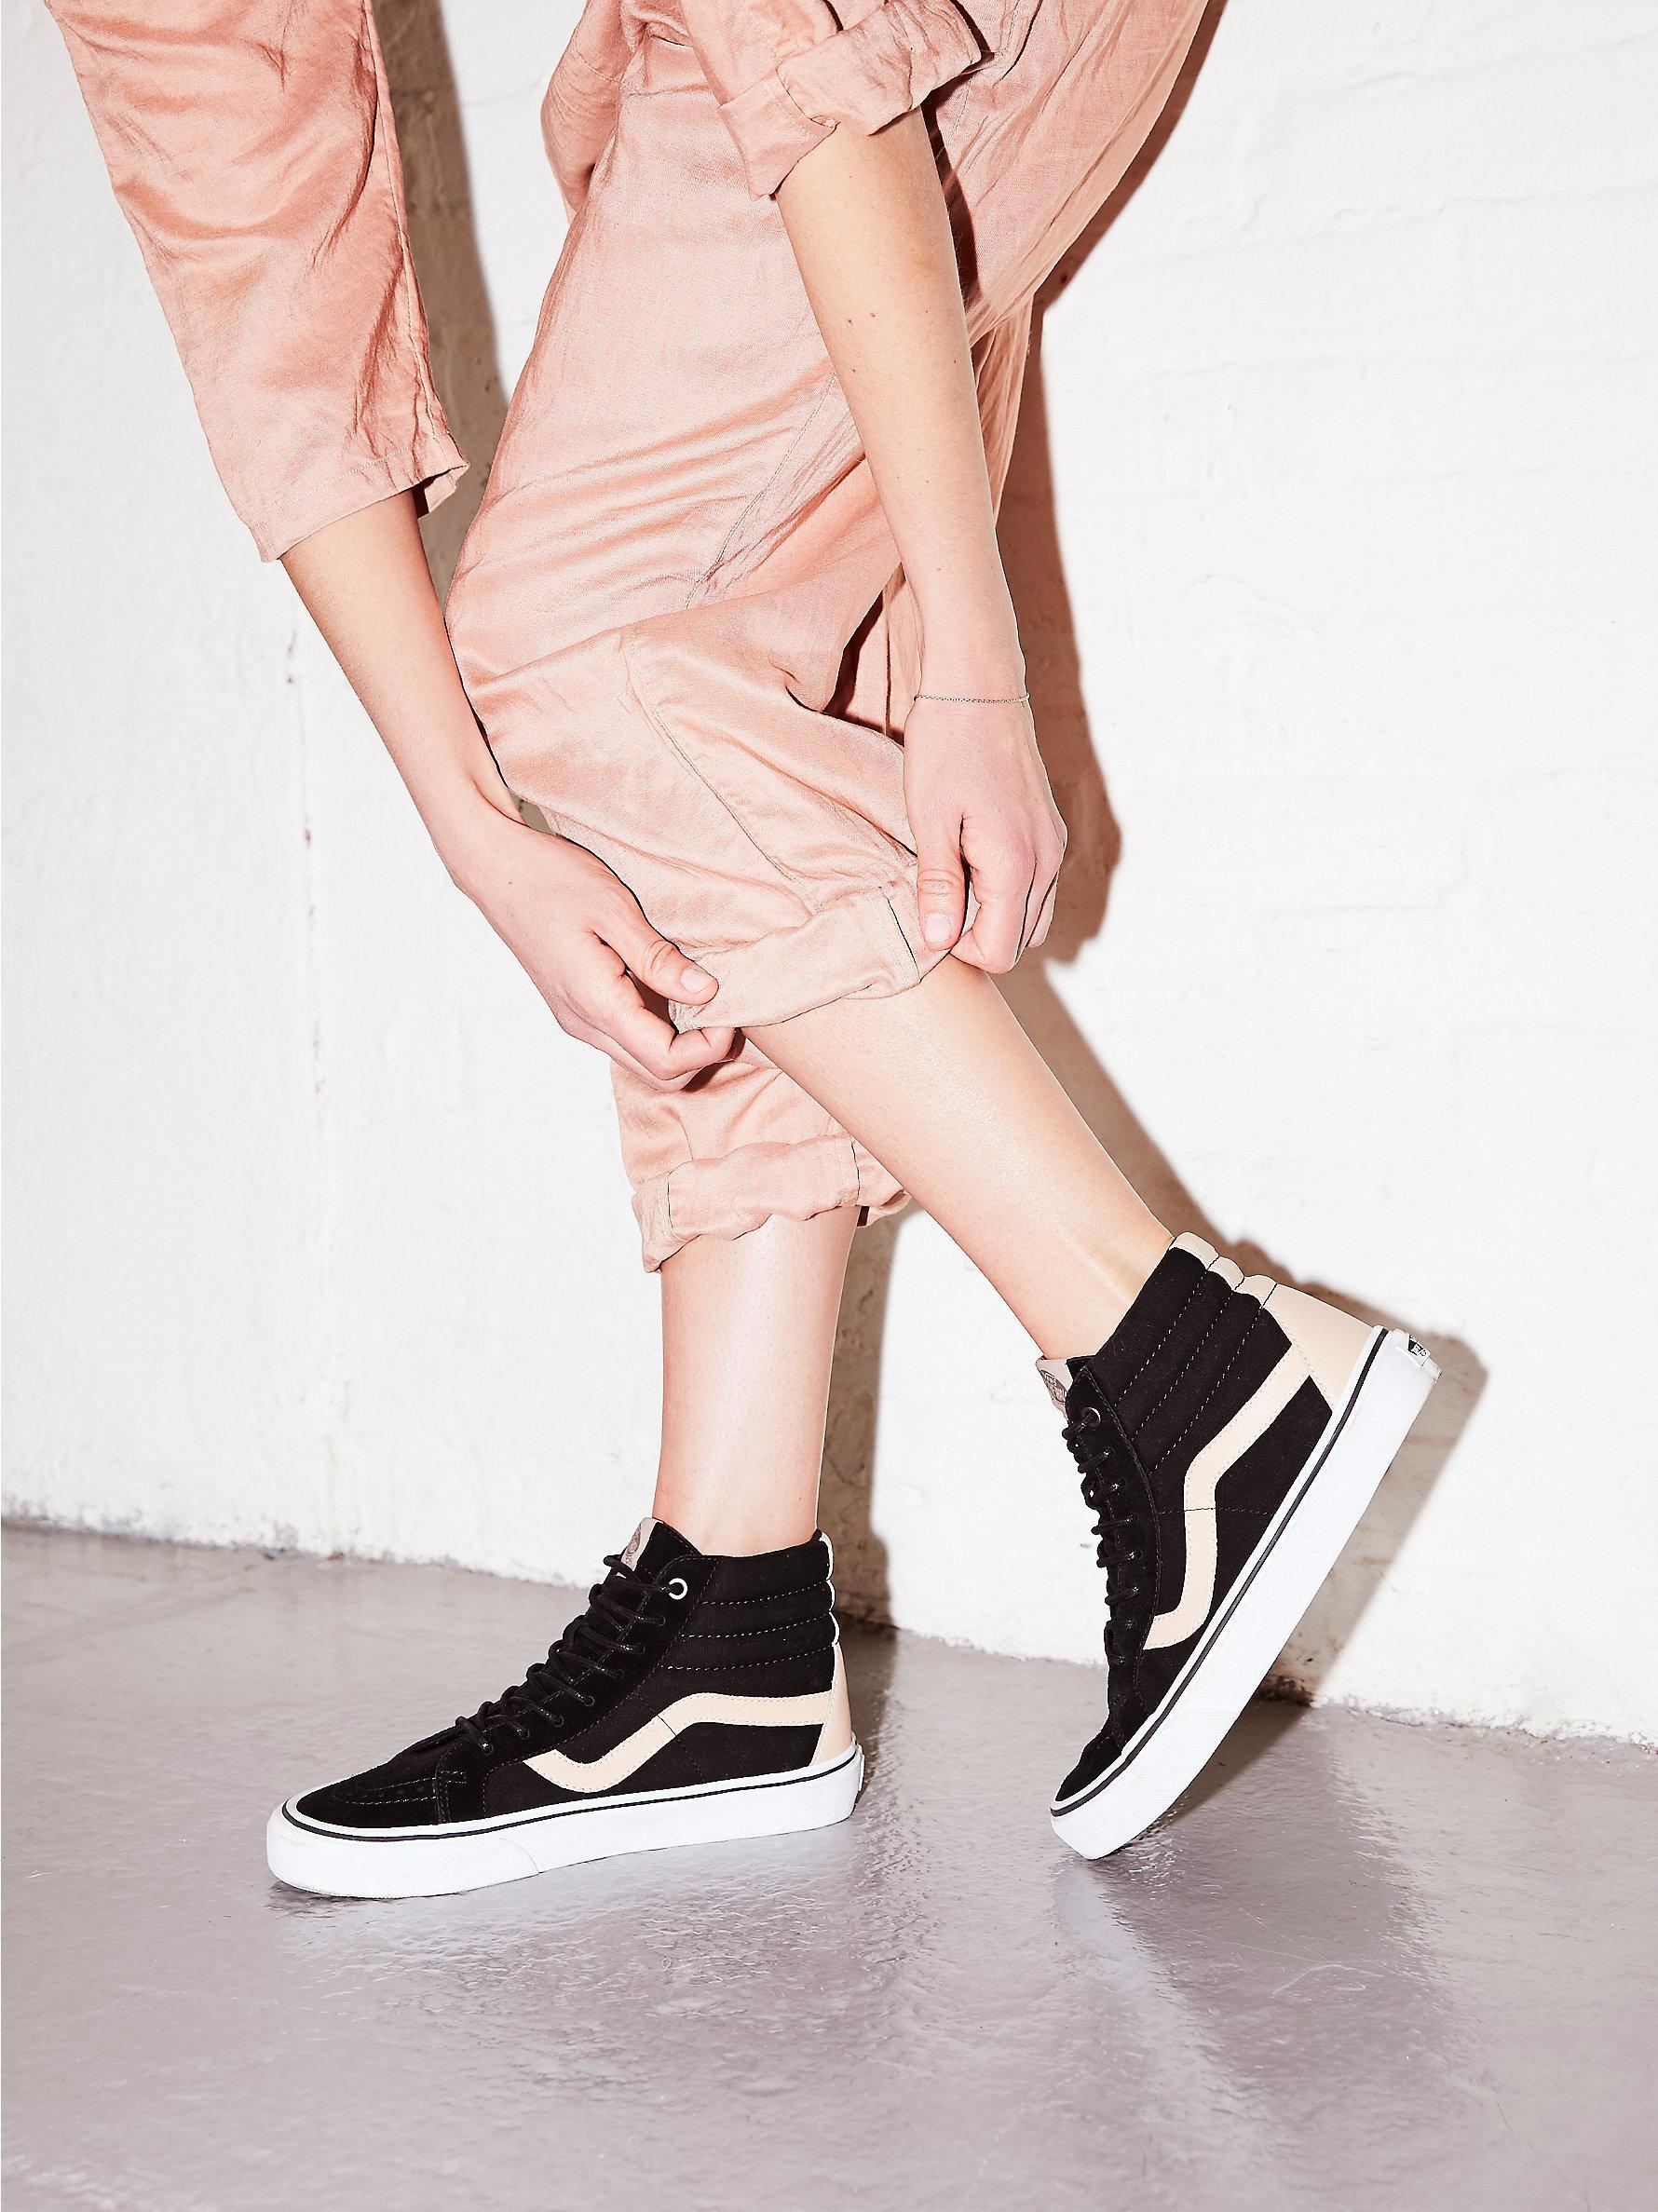 0cf44078 Free People Black Sk8-hi Reissue Veggie Tan Sneaker